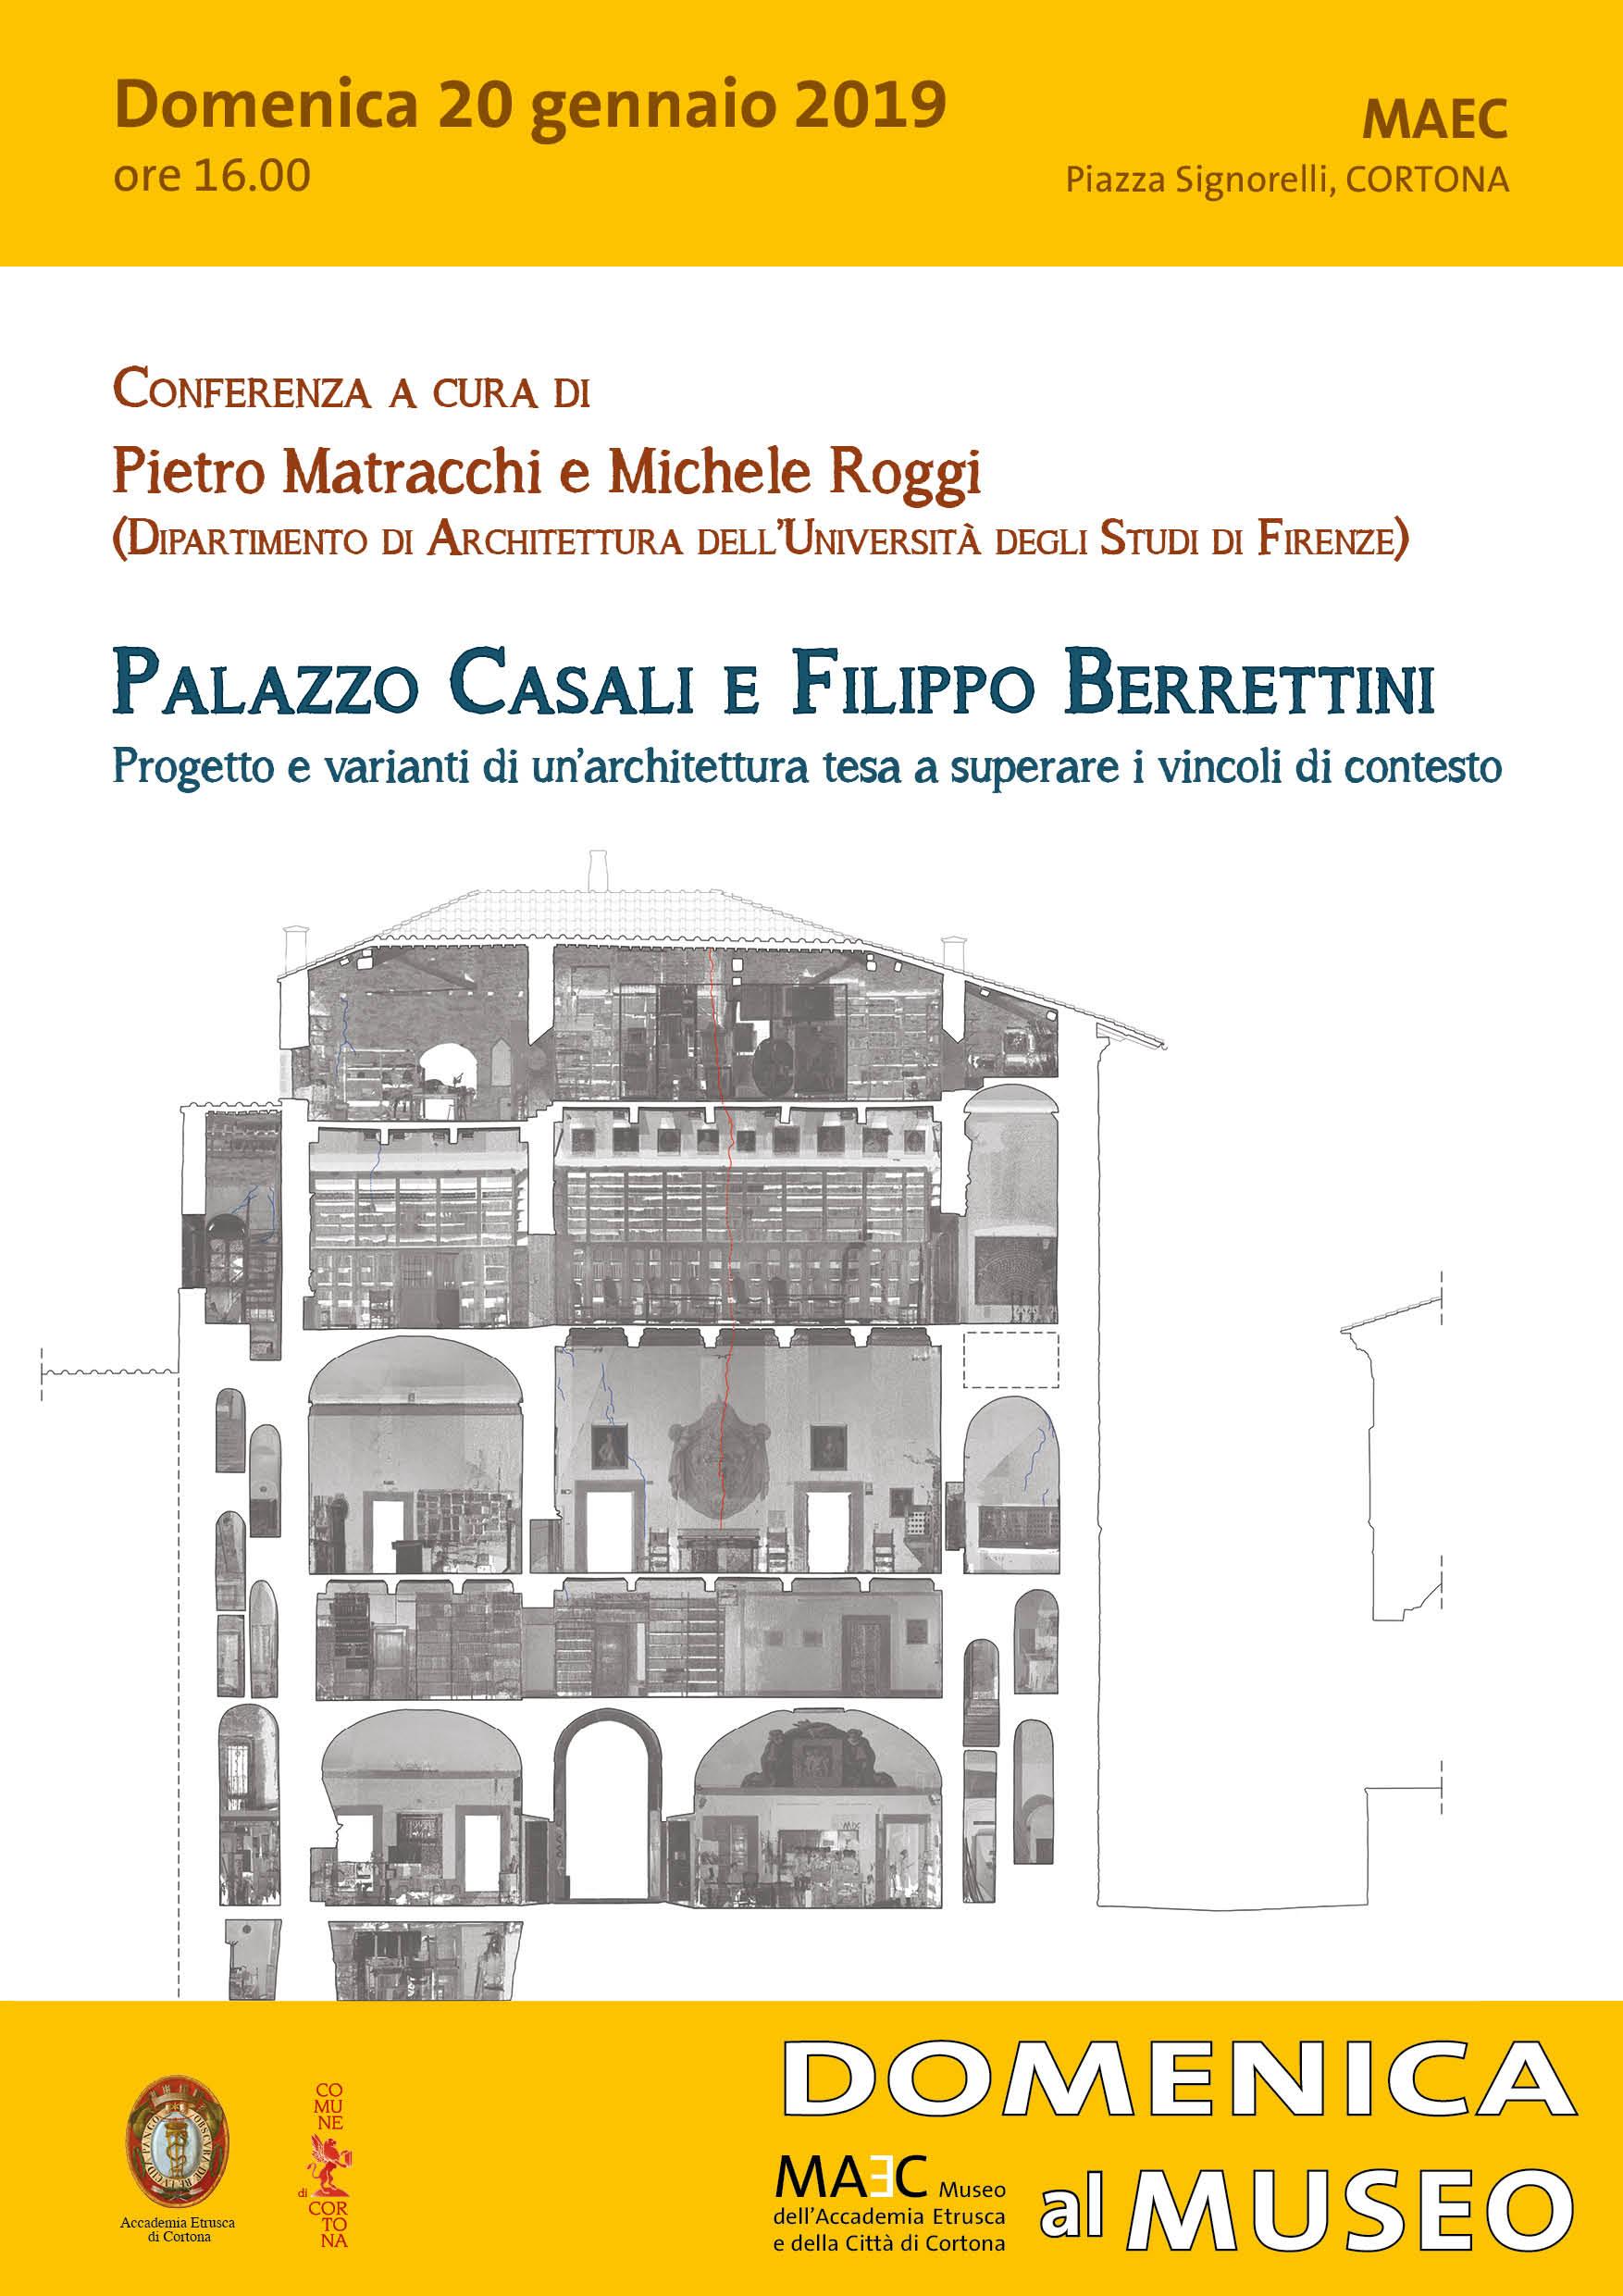 Conferenza architettura palazzo casali